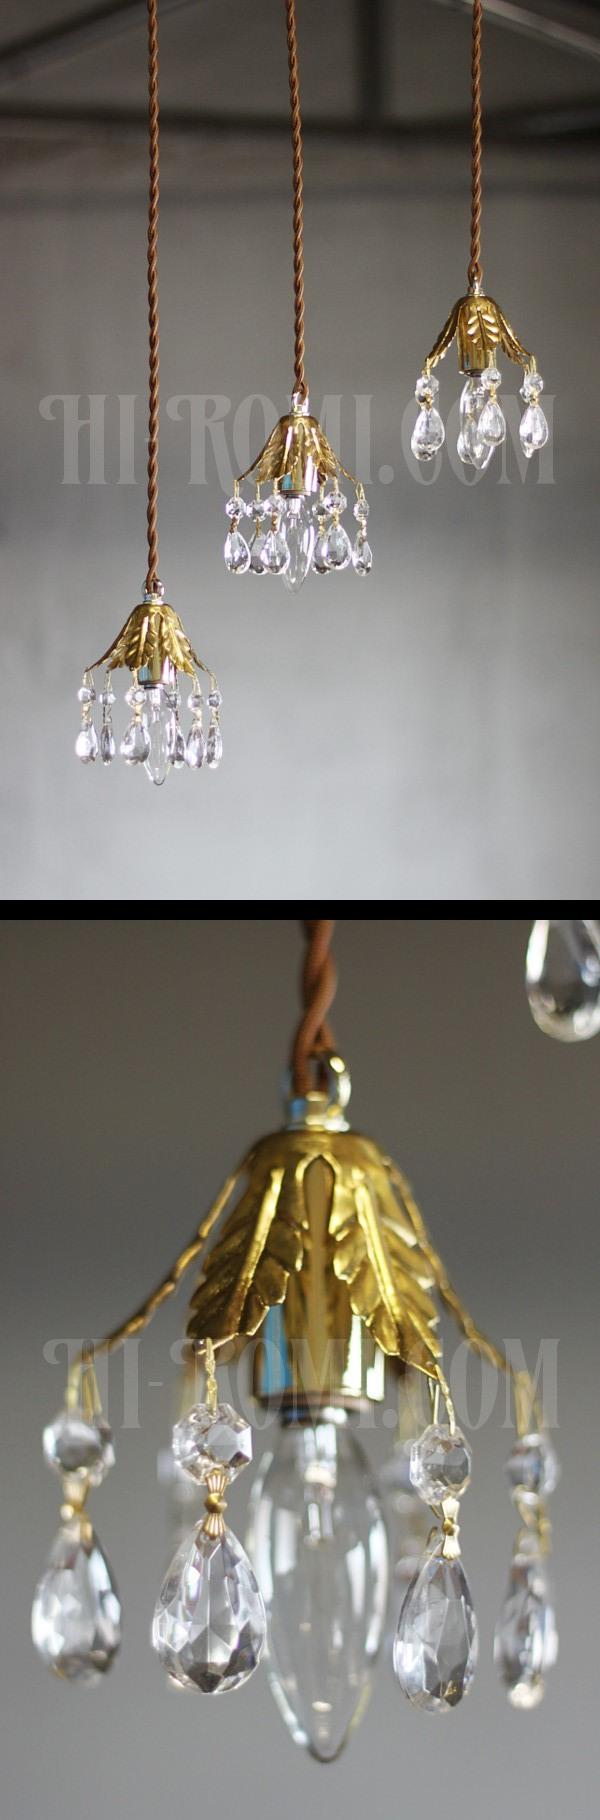 ヴィンテージフラワーカップミニプリズムペンダントランプ(1)/アンティークシャンデリア照明ライト